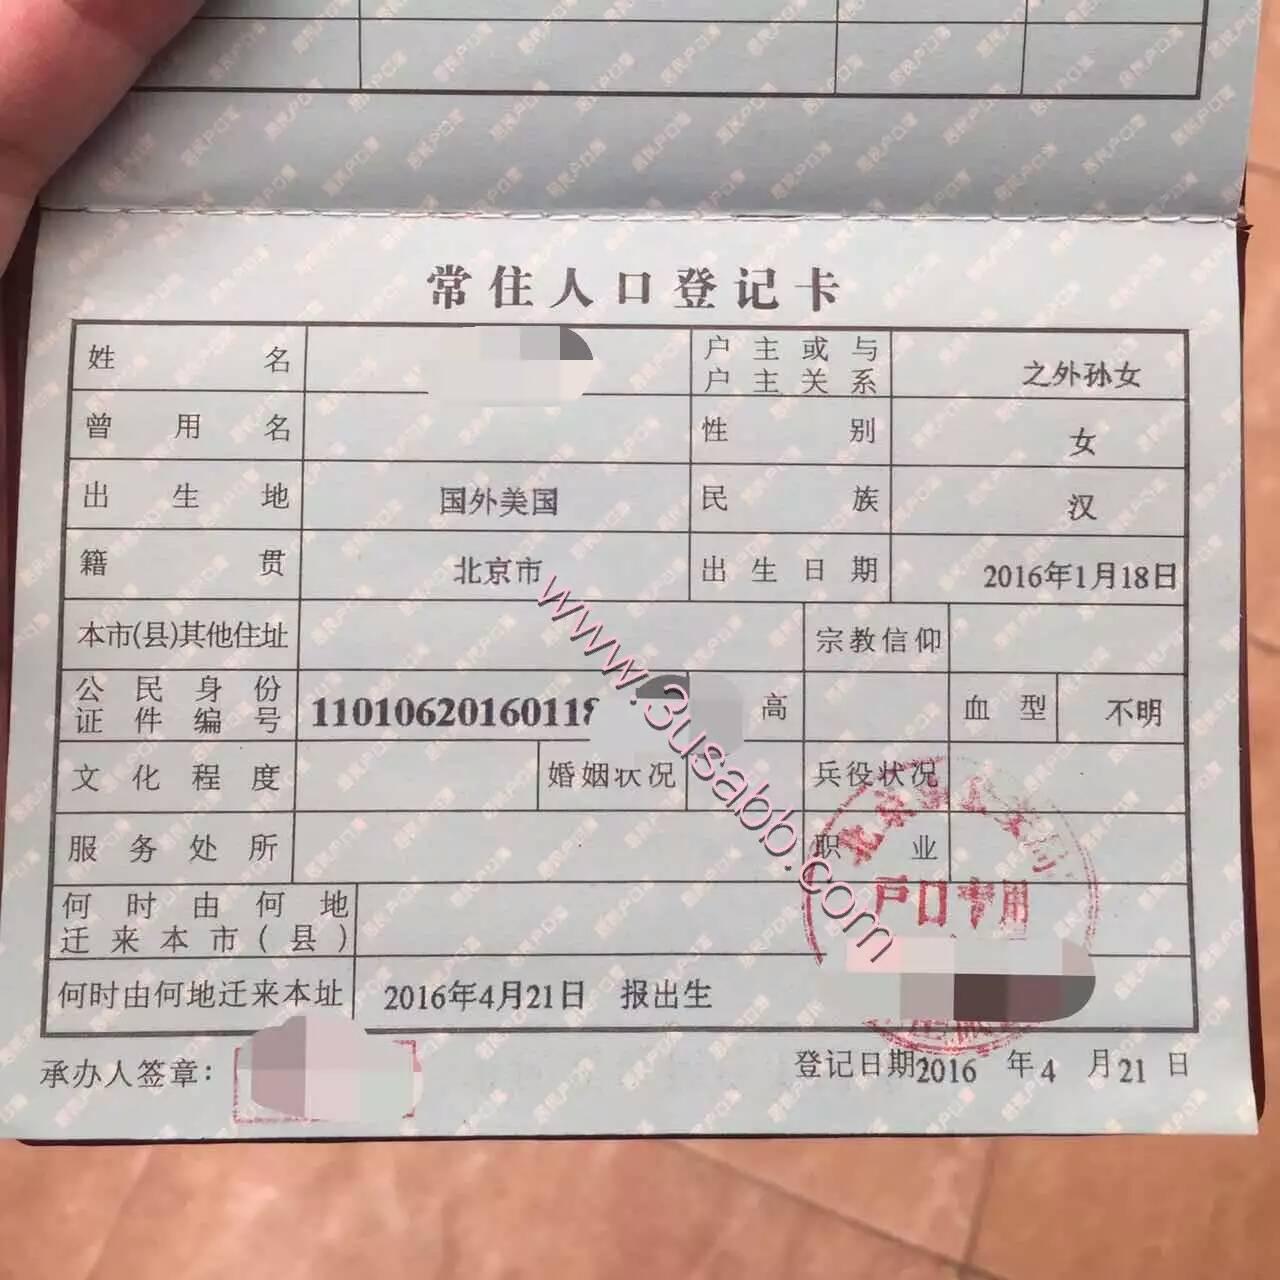 美国生子客户宝宝上中国护照